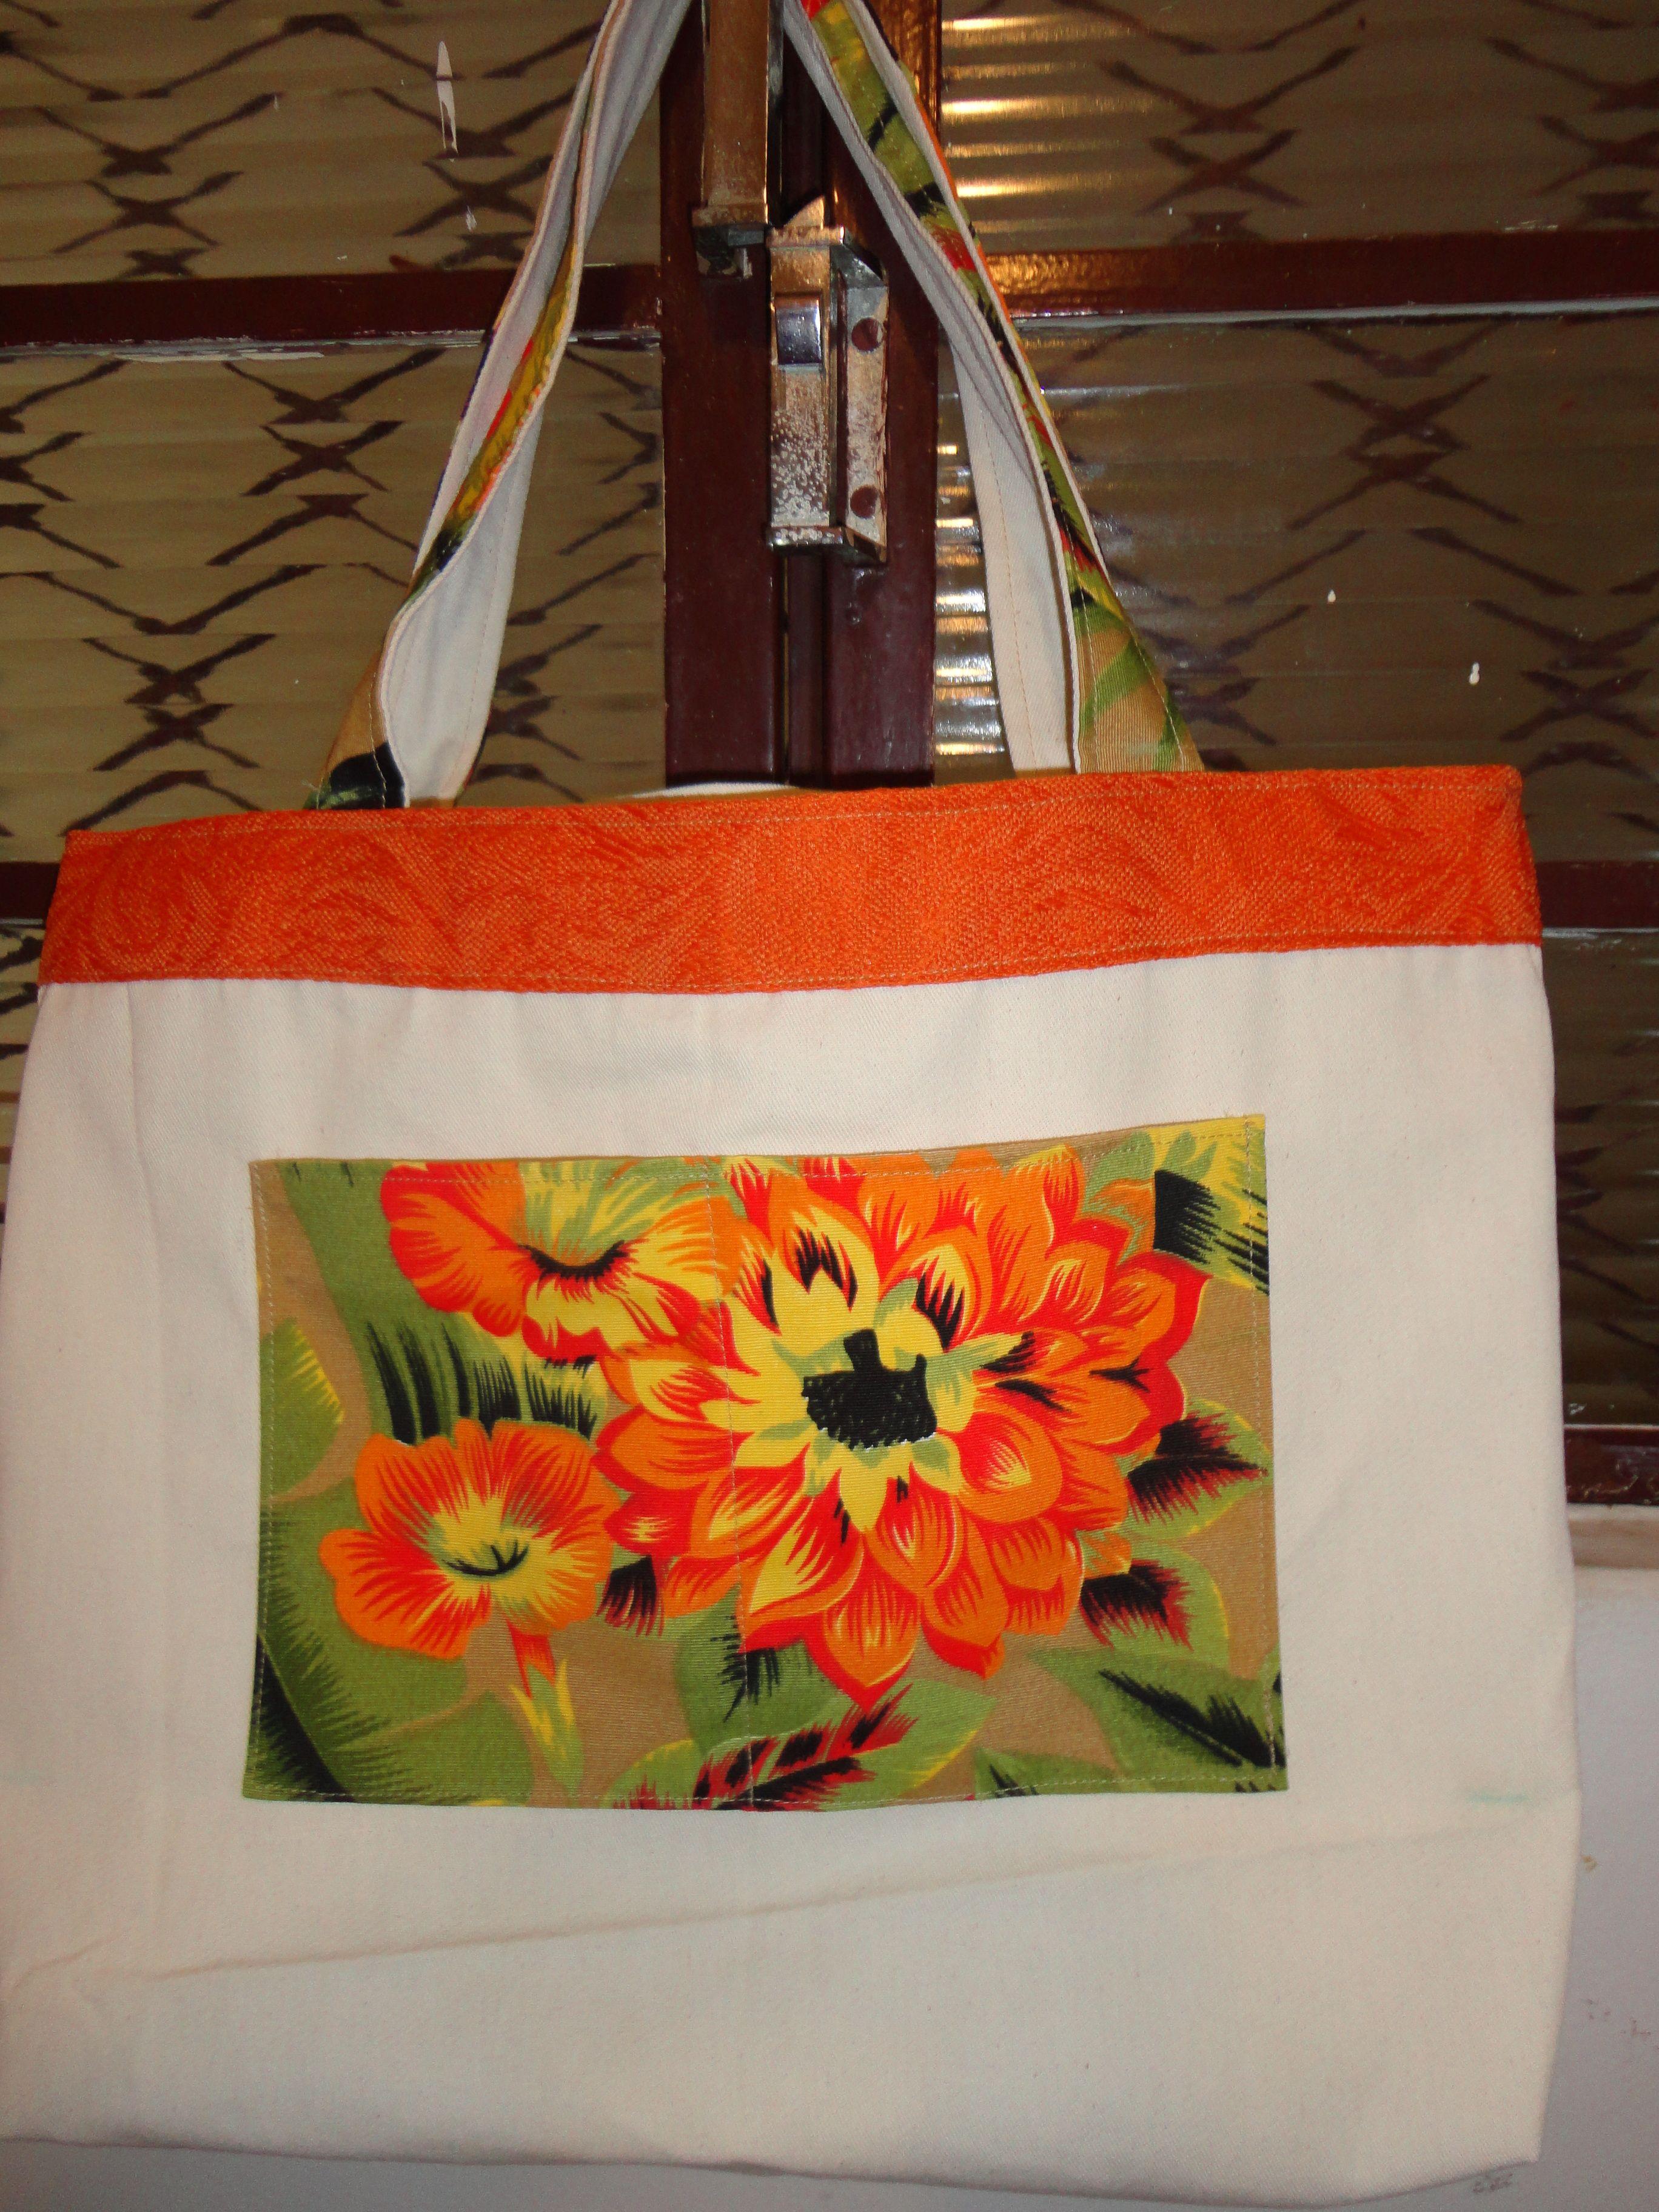 Bolsa De Tecido De Algodão Cru : Bolsa de algodao cru com chita artes tecido